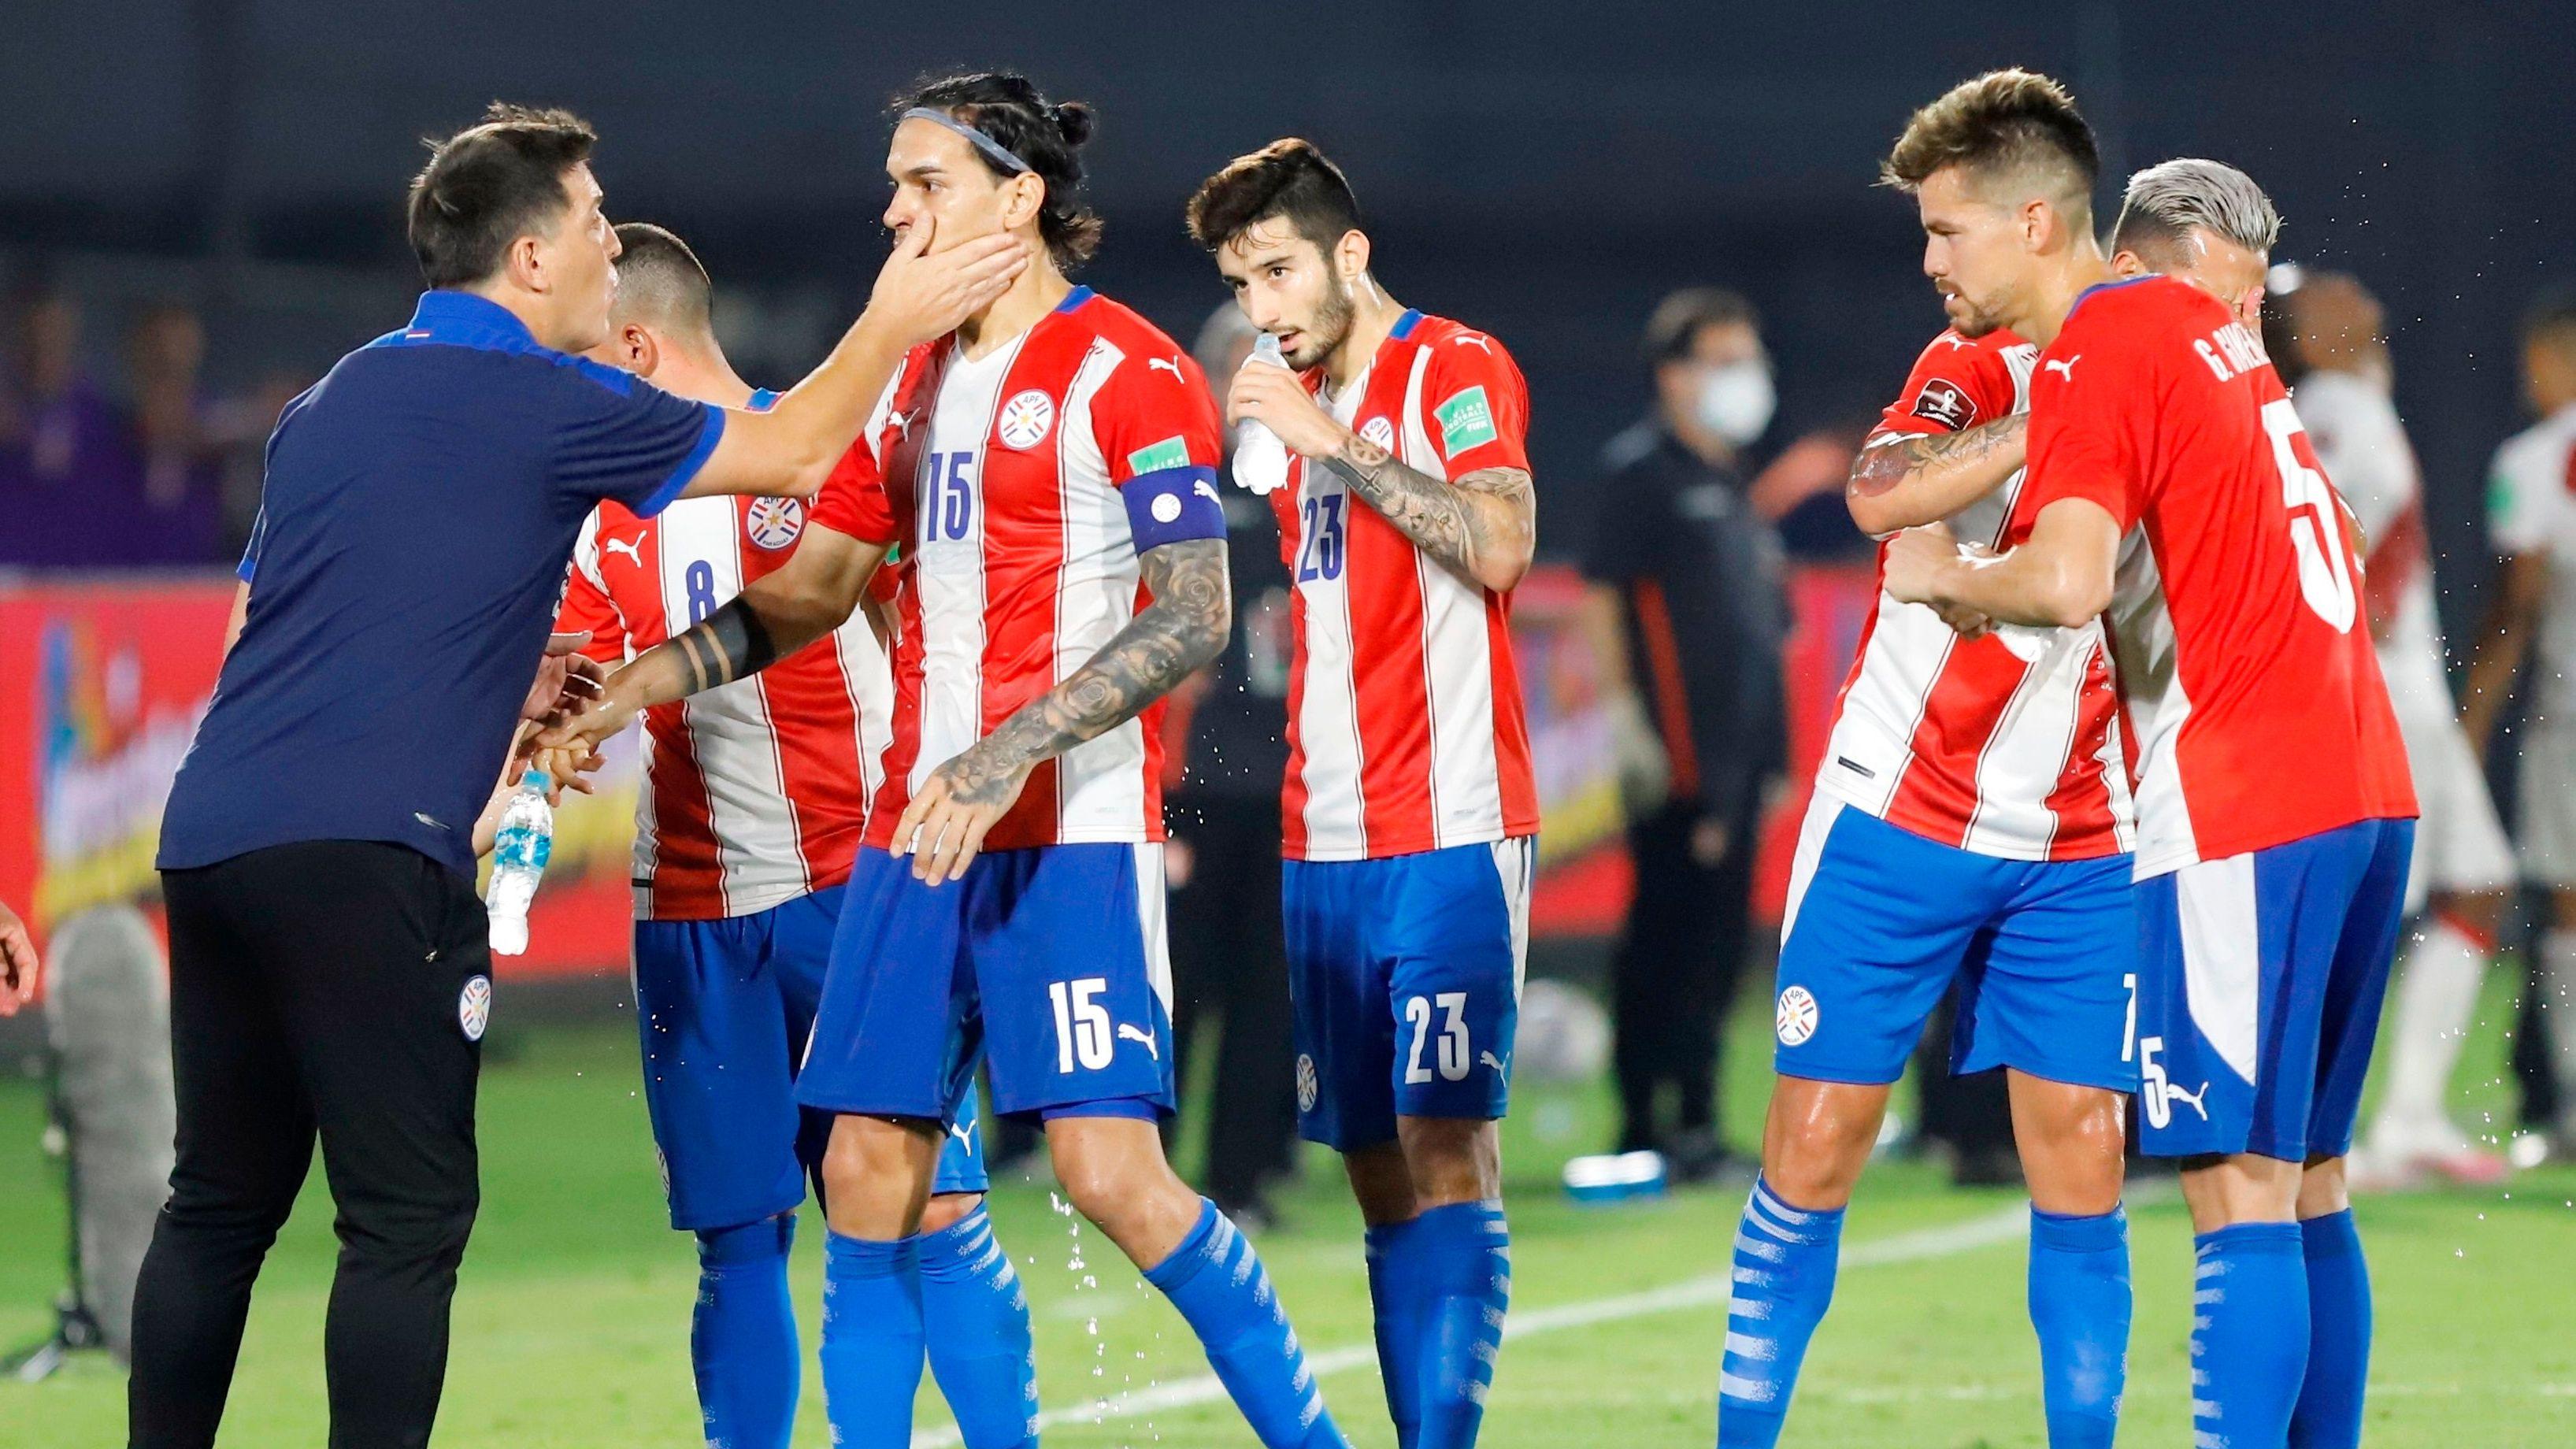 El entrenador de Paraguay, Eduardo Berizzo), celebra un gol de su equipo ante Perú, durante un partido de Eliminatorias Sudamericanas del Mundial de Qatar 2022, en el estadio Defensores del Chaco de Asunción (Paraguay). EFE/Nathalia Aguilar